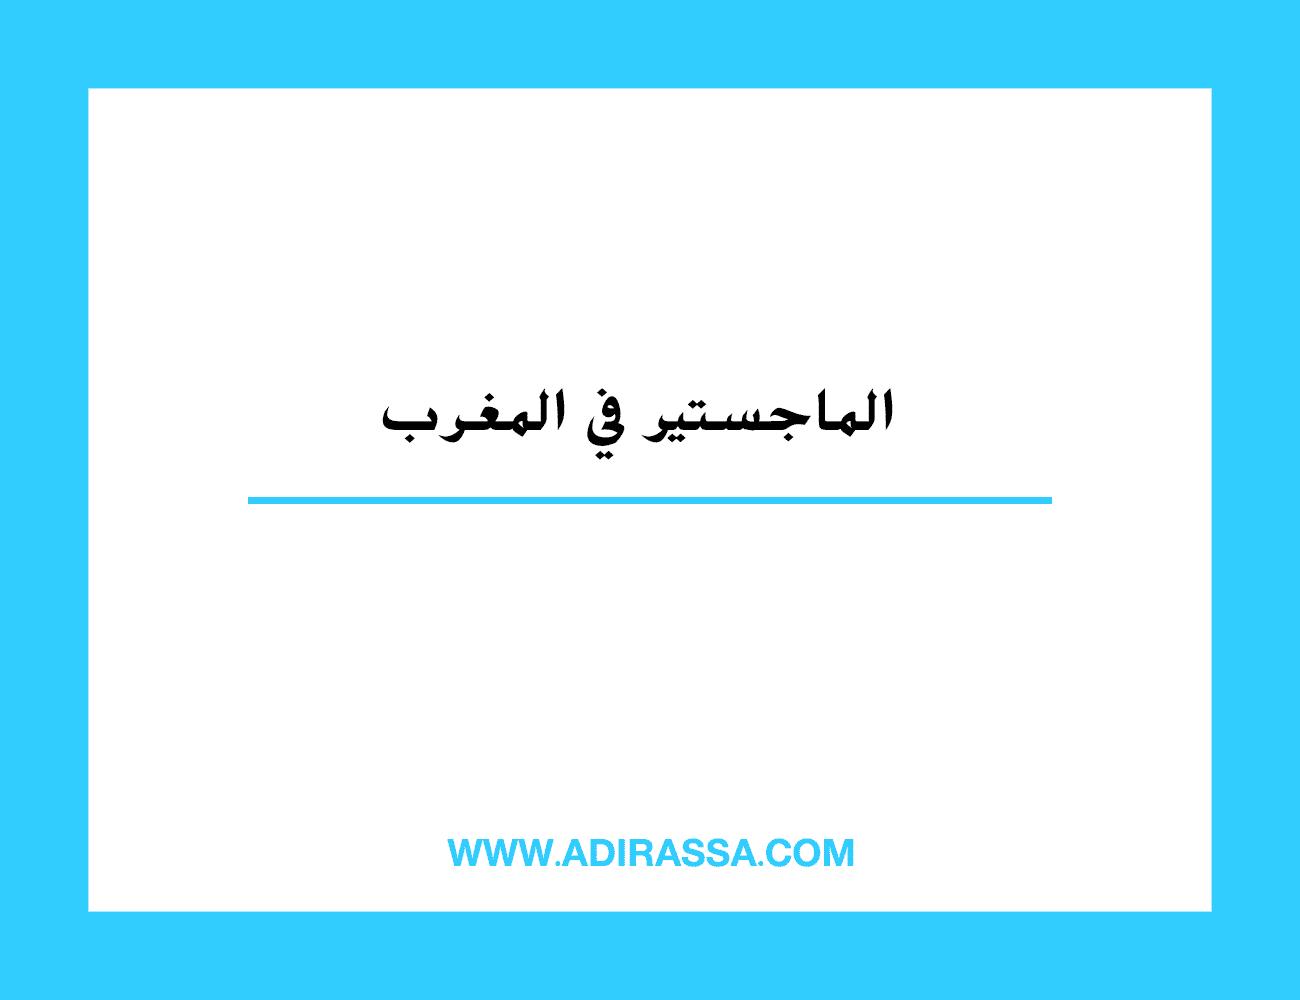 الماجستير في المغرب من حيث جامعاته وشروط القبول وأنواعه